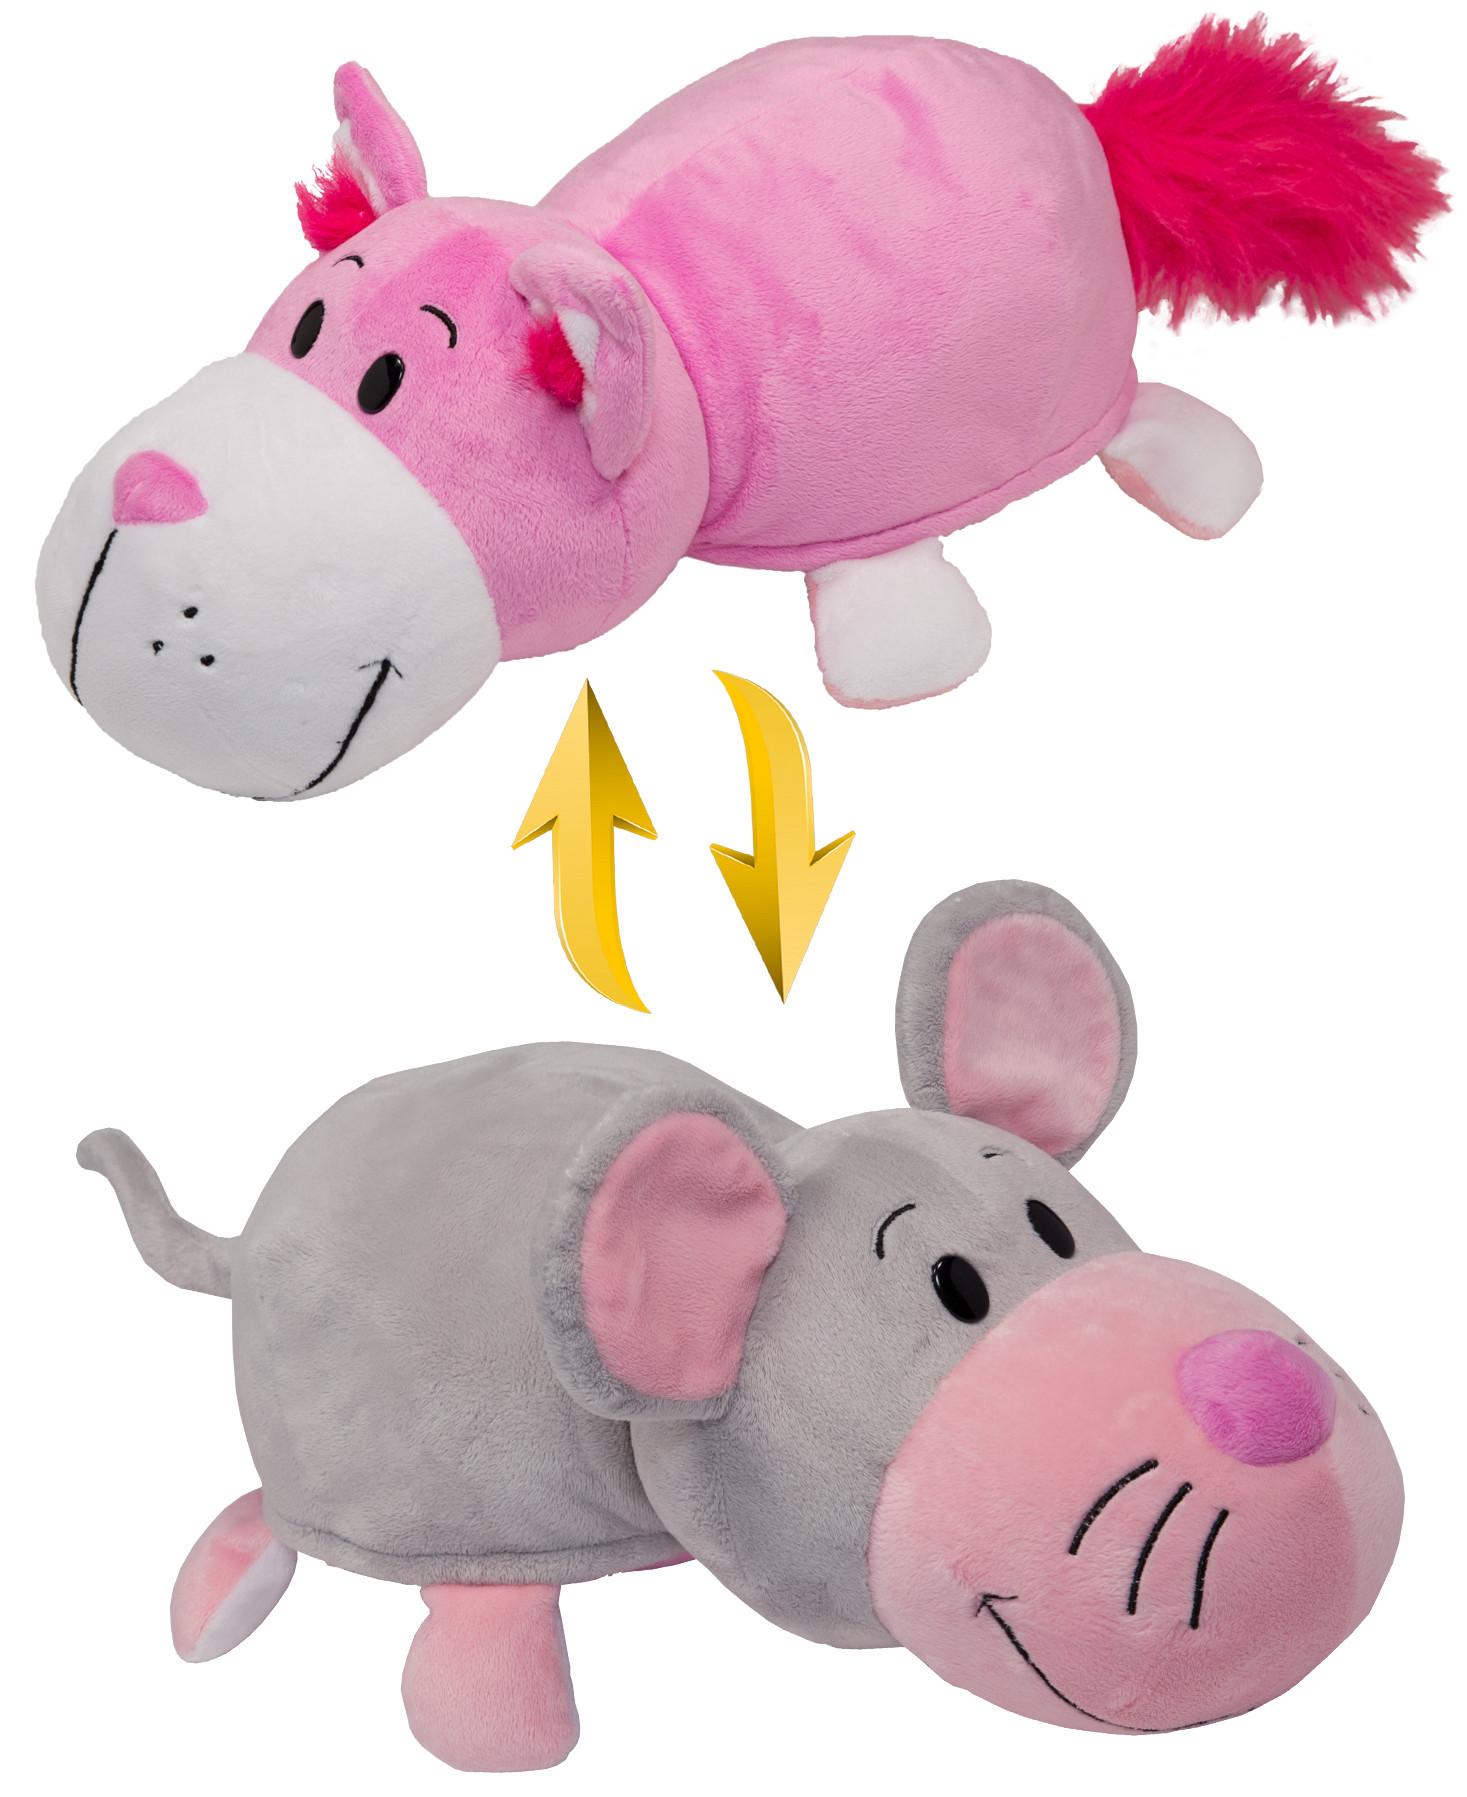 Мягкие игрушки 1toy Вывернушка. Кот-Мышь Т10928 мягкие игрушки trudi лайка маркус 34 см